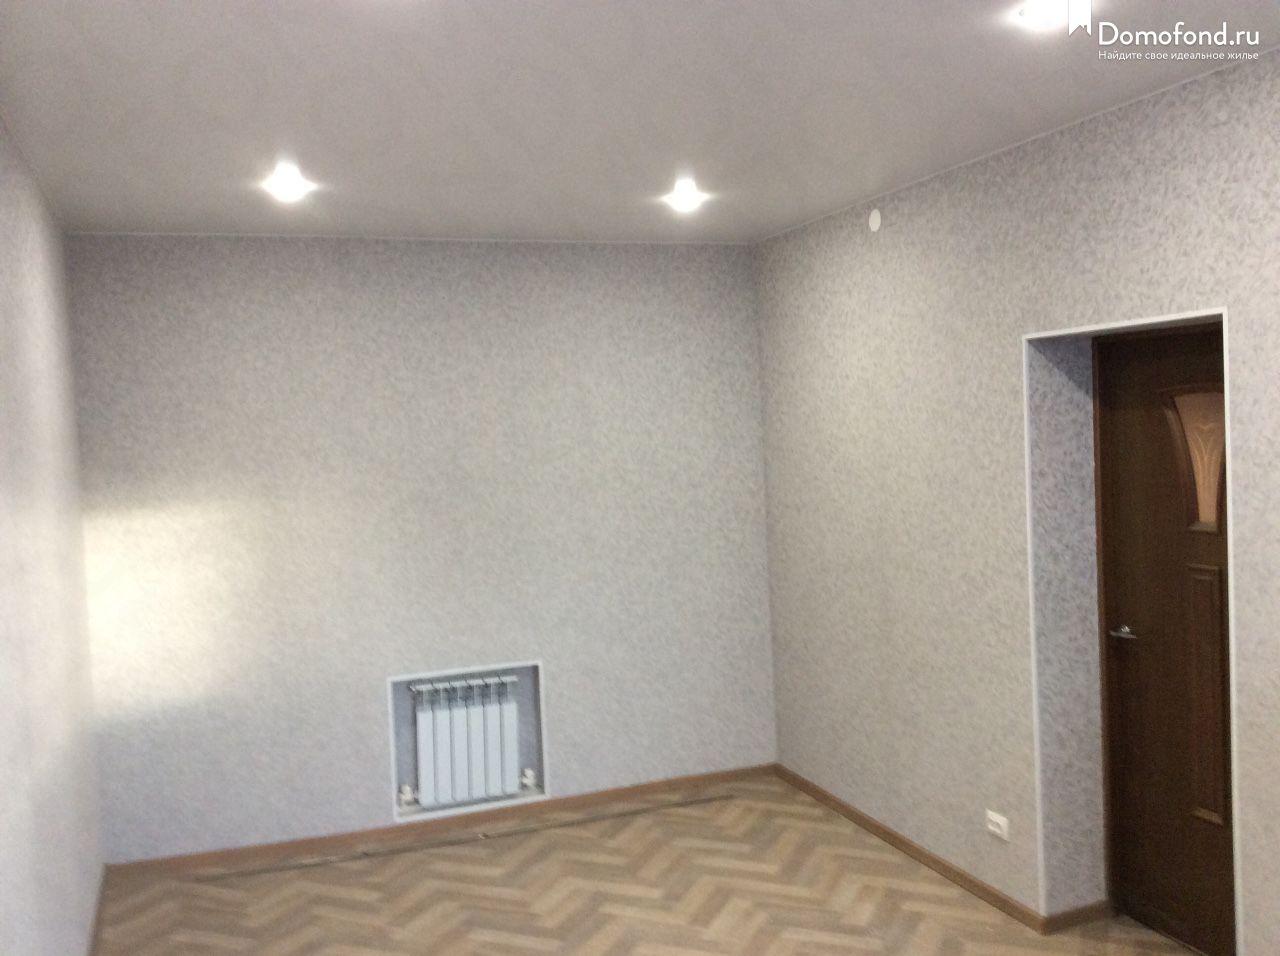 качество сборки домофонд курган аренда домов с фото система климат-контроля